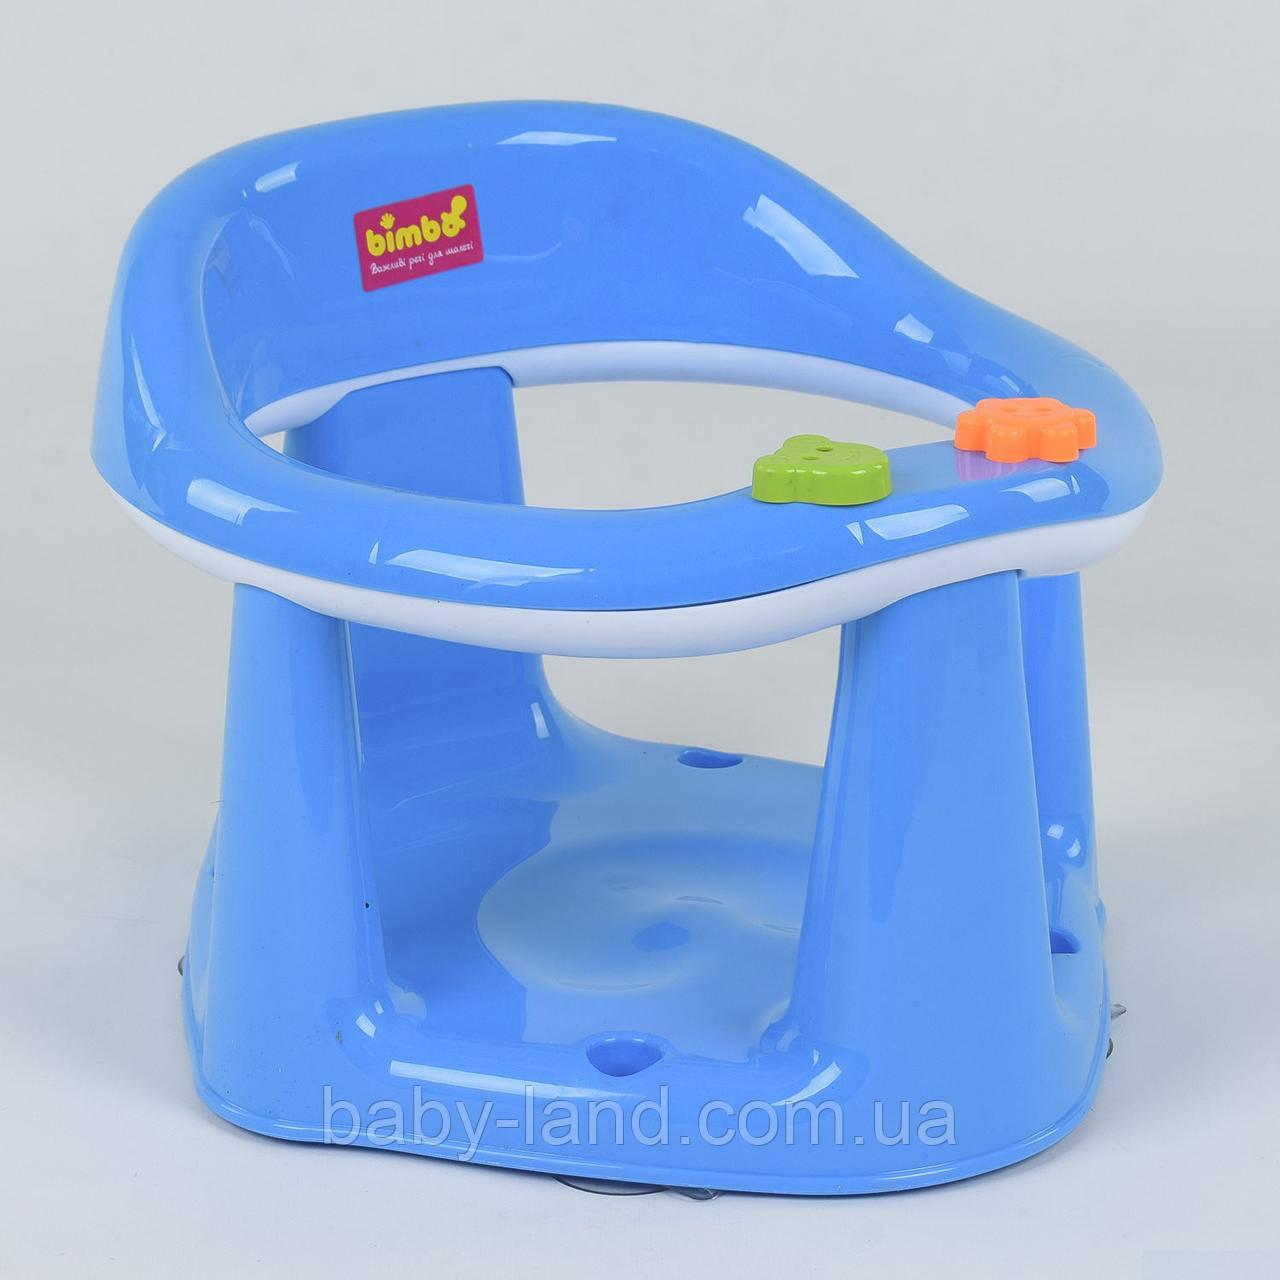 """Стільчик - сидіння для купання на присосках """"Bimbo"""" Blue арт. 50305"""